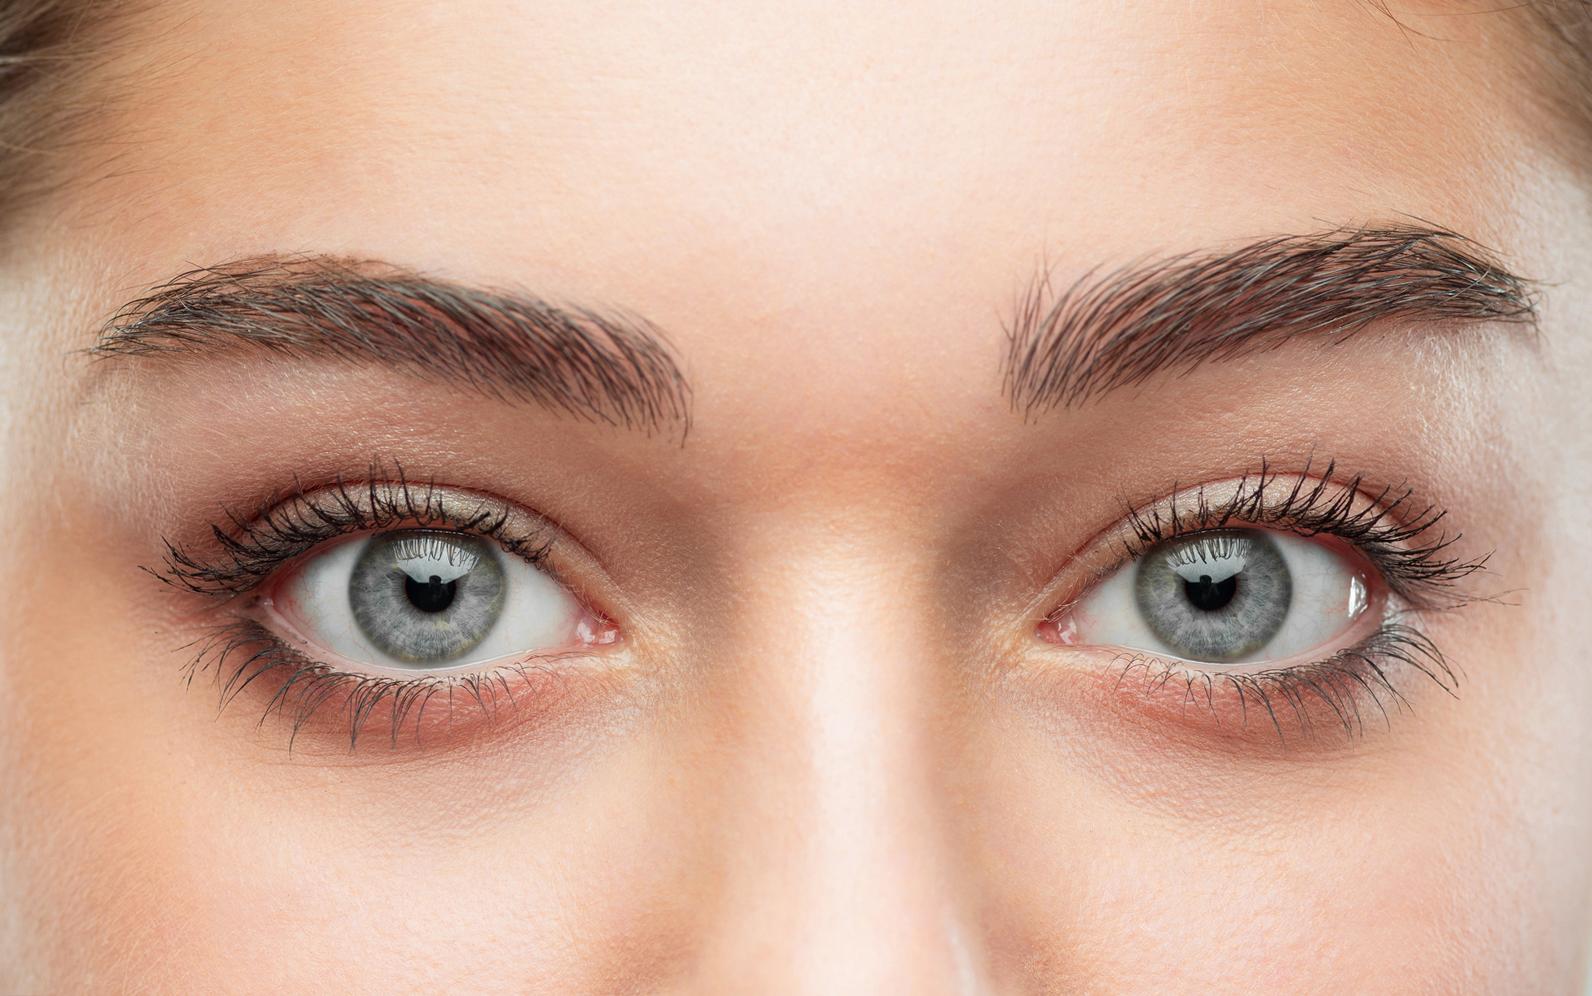 العيون الصغيرة للمرأة